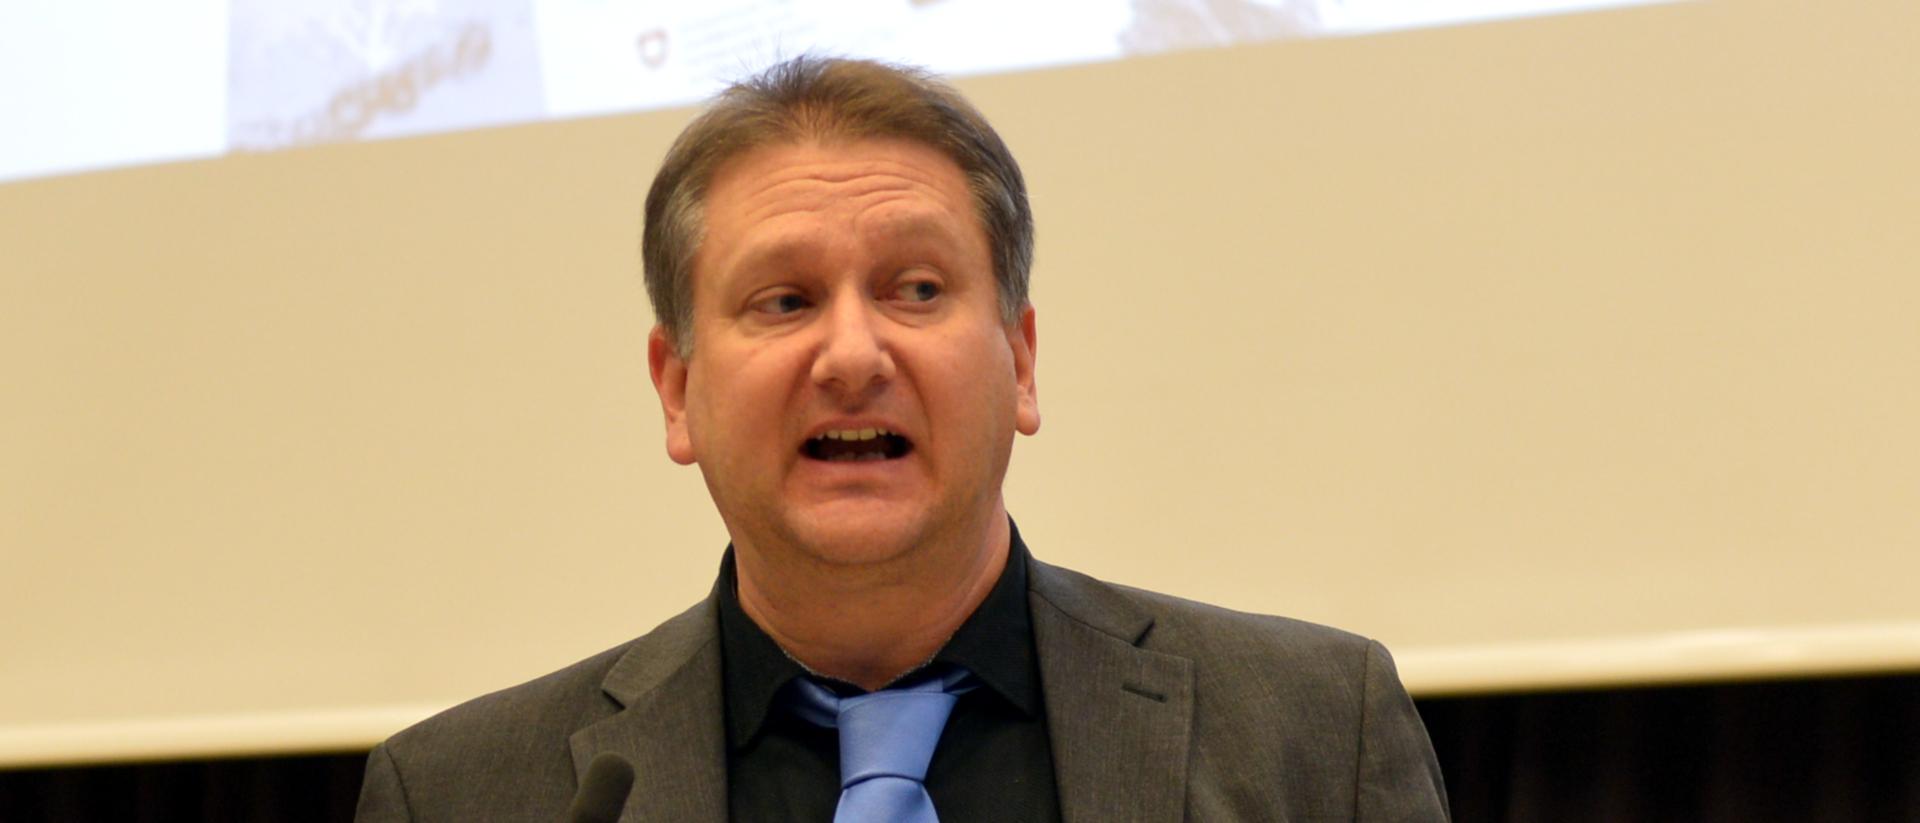 Markus Wüest